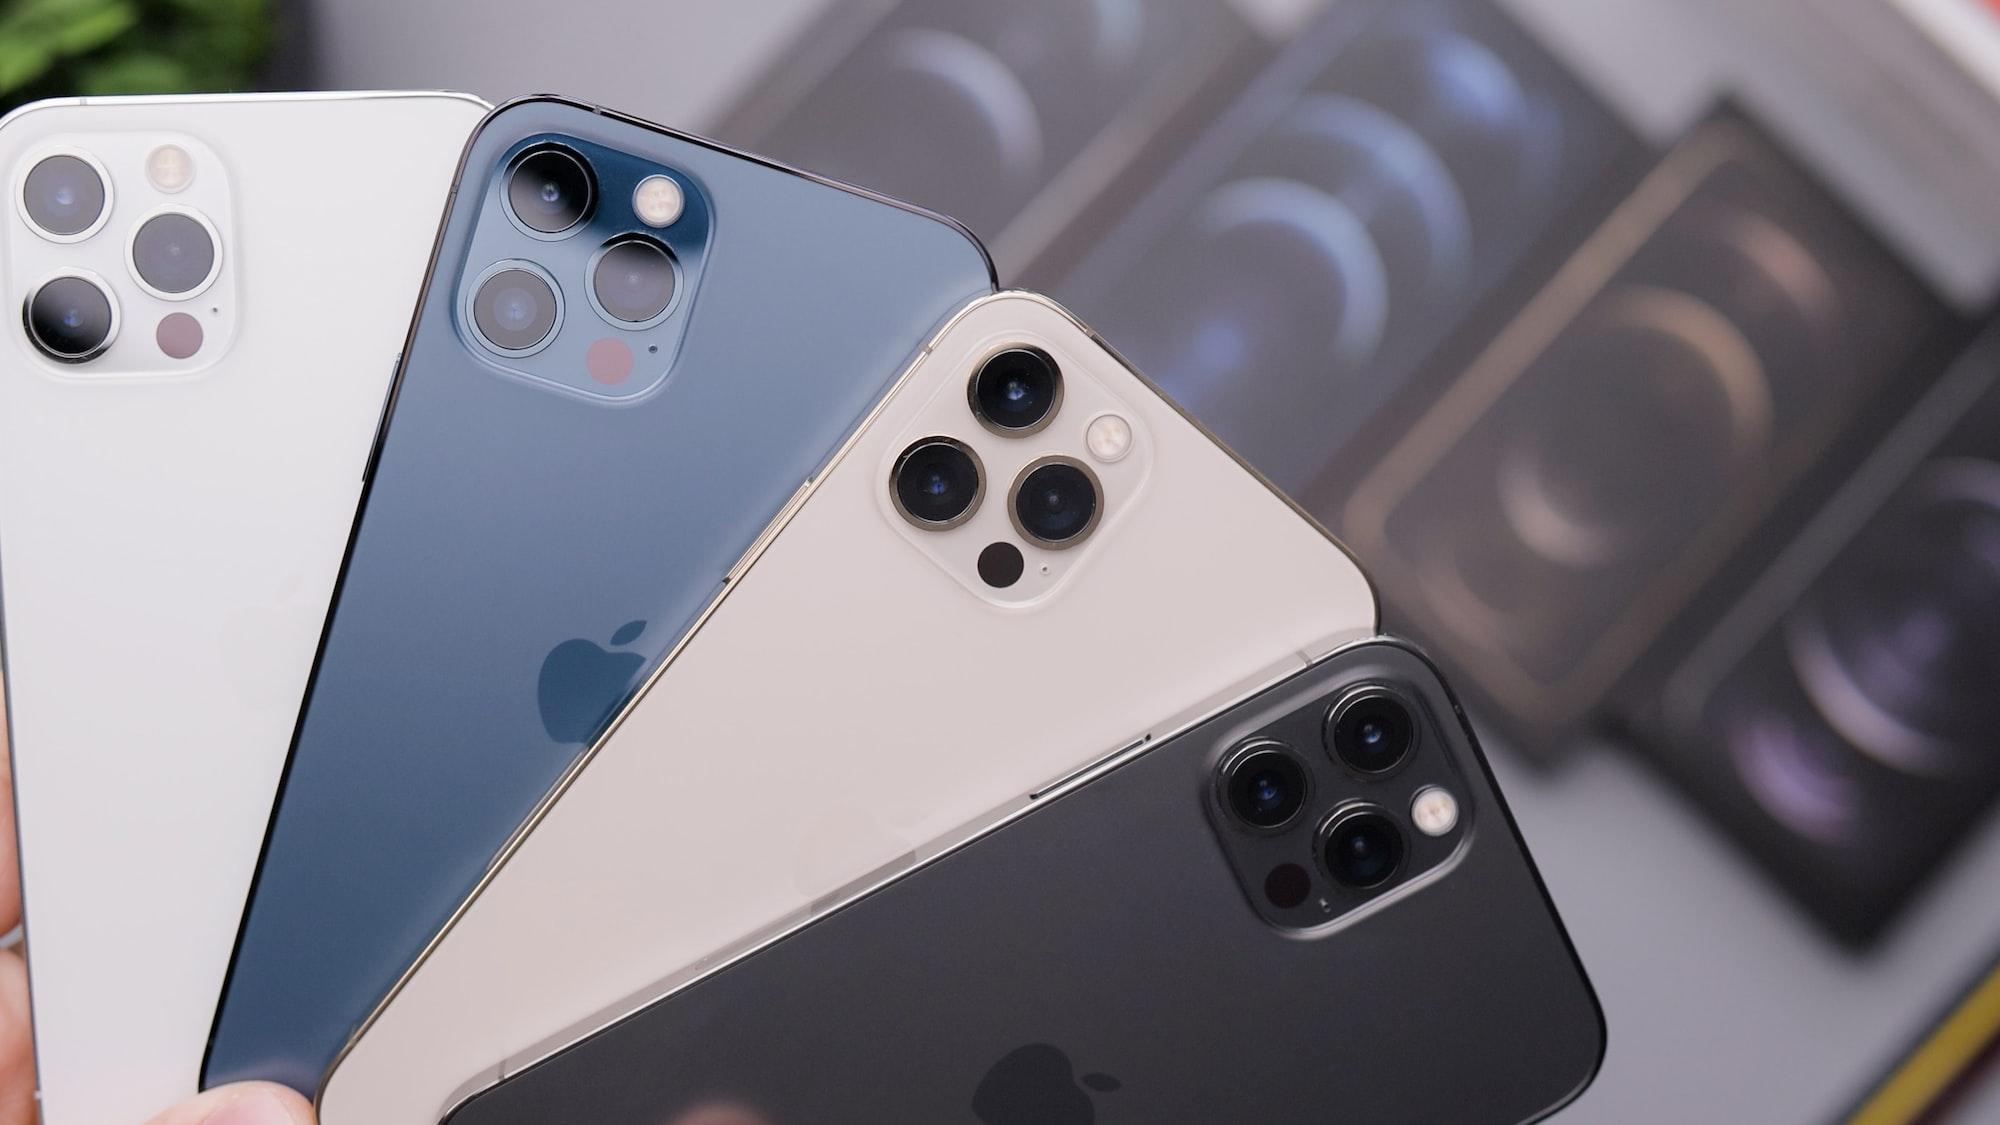 Каждый четвертый смартфон, проданный в 2020 году, был куплен в Интернете